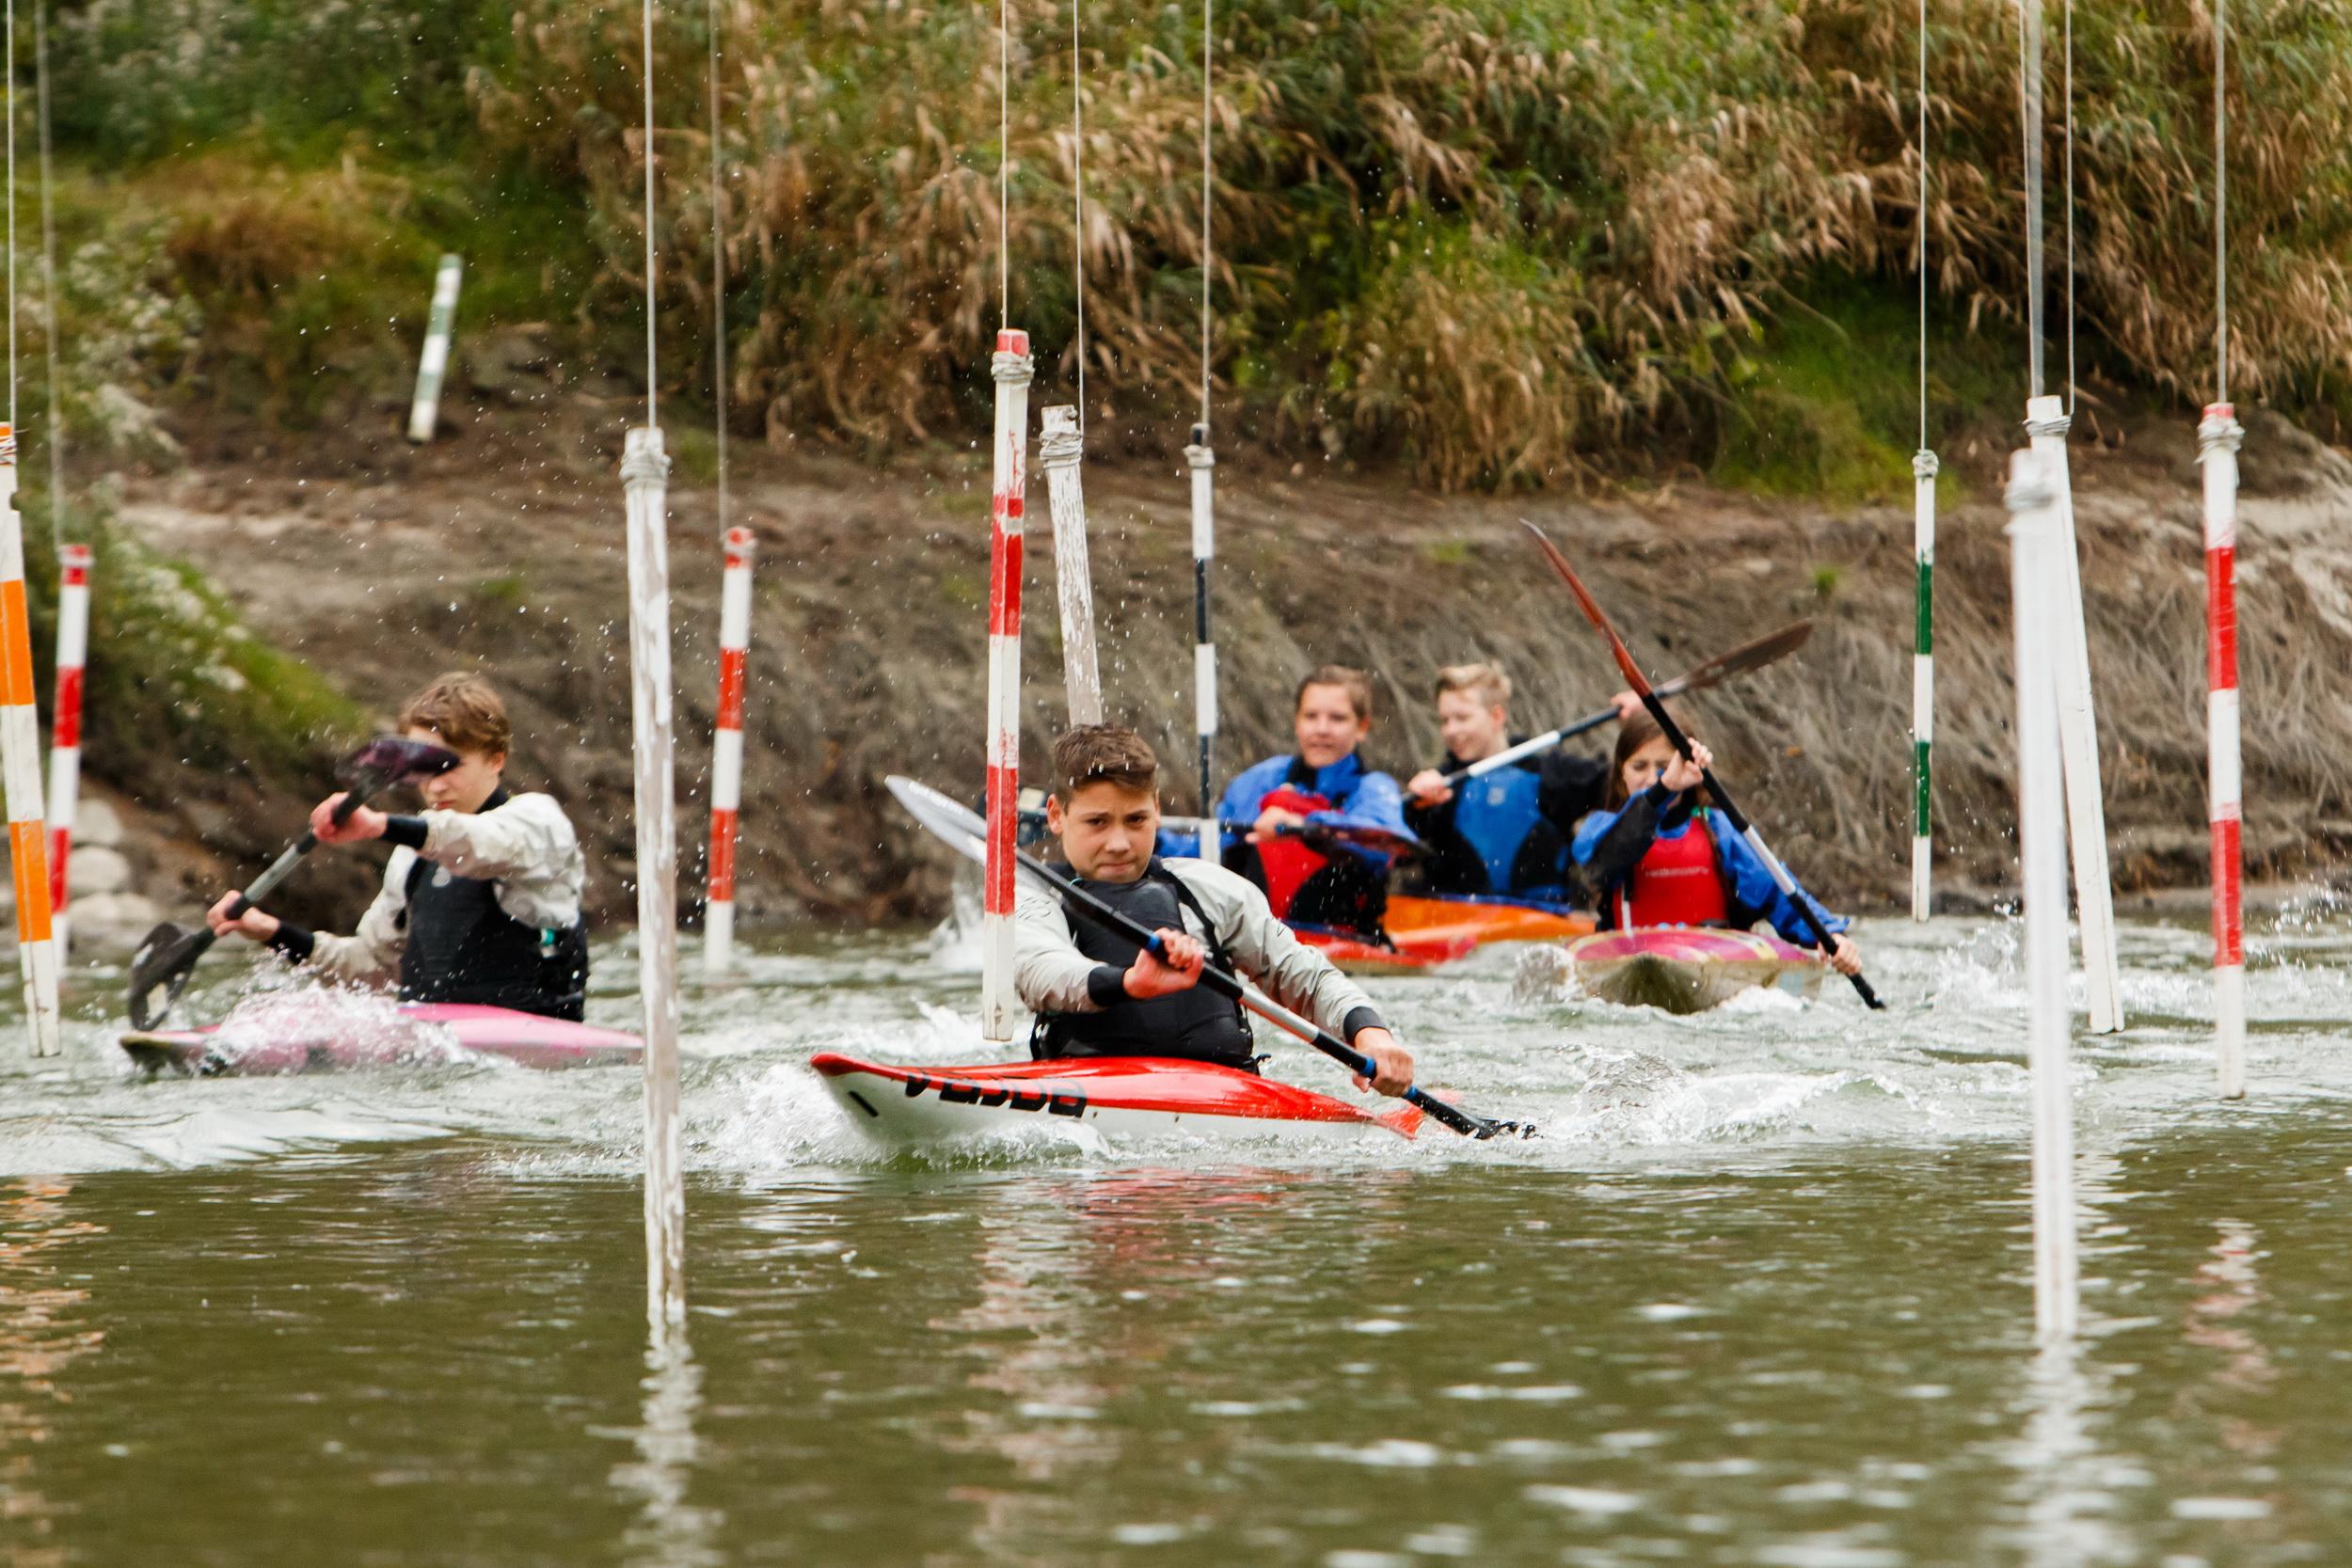 Slalomová trať pre začiatočníkov